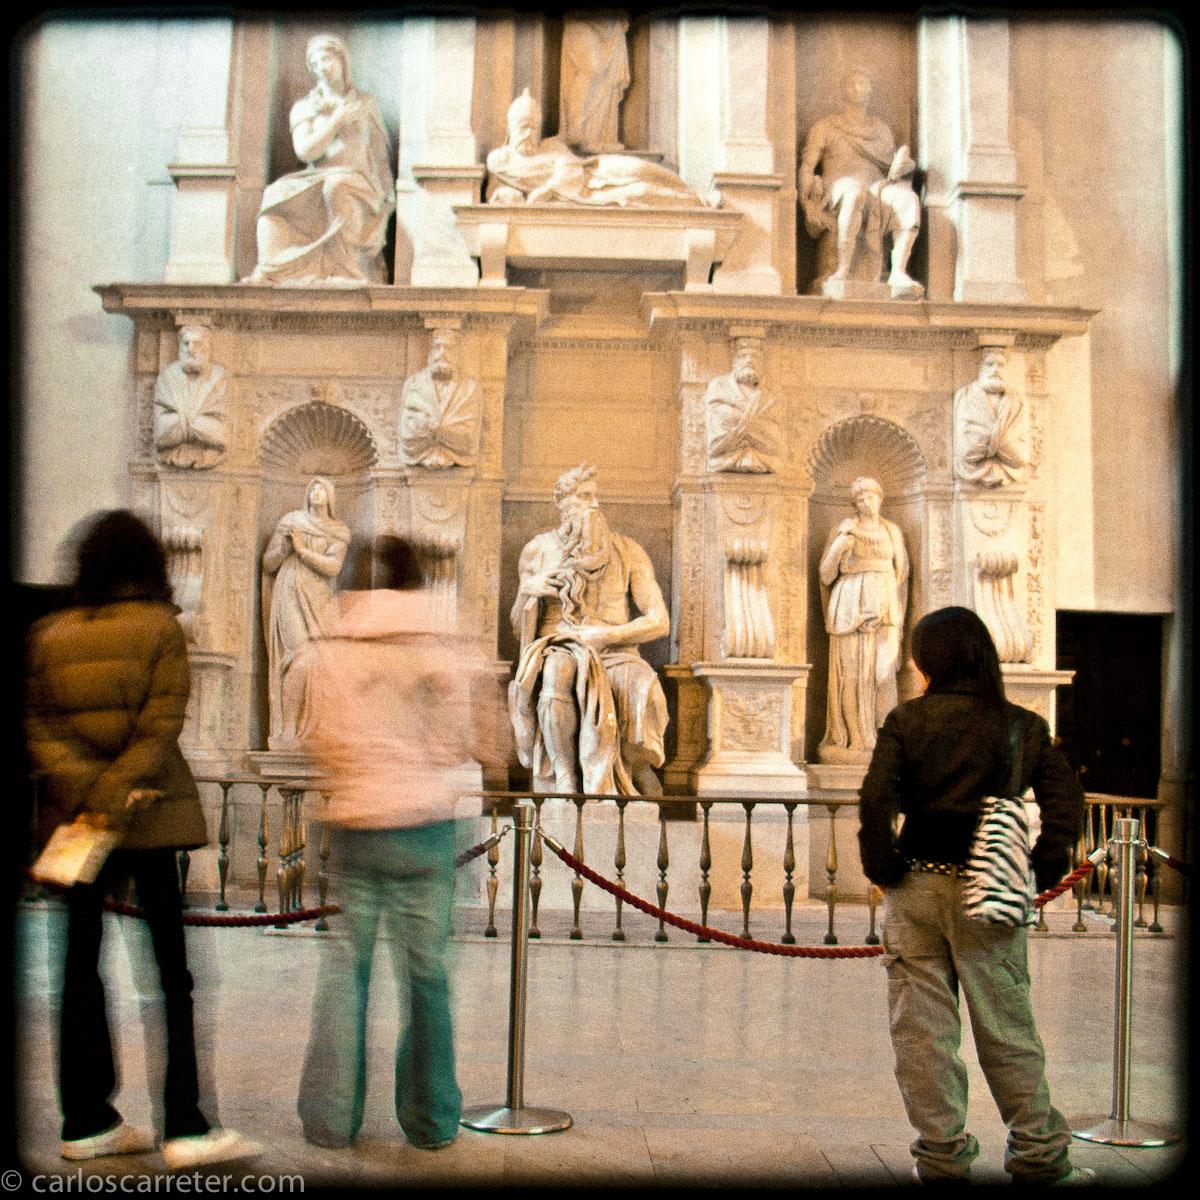 Moises - San Pietro in Vincoli